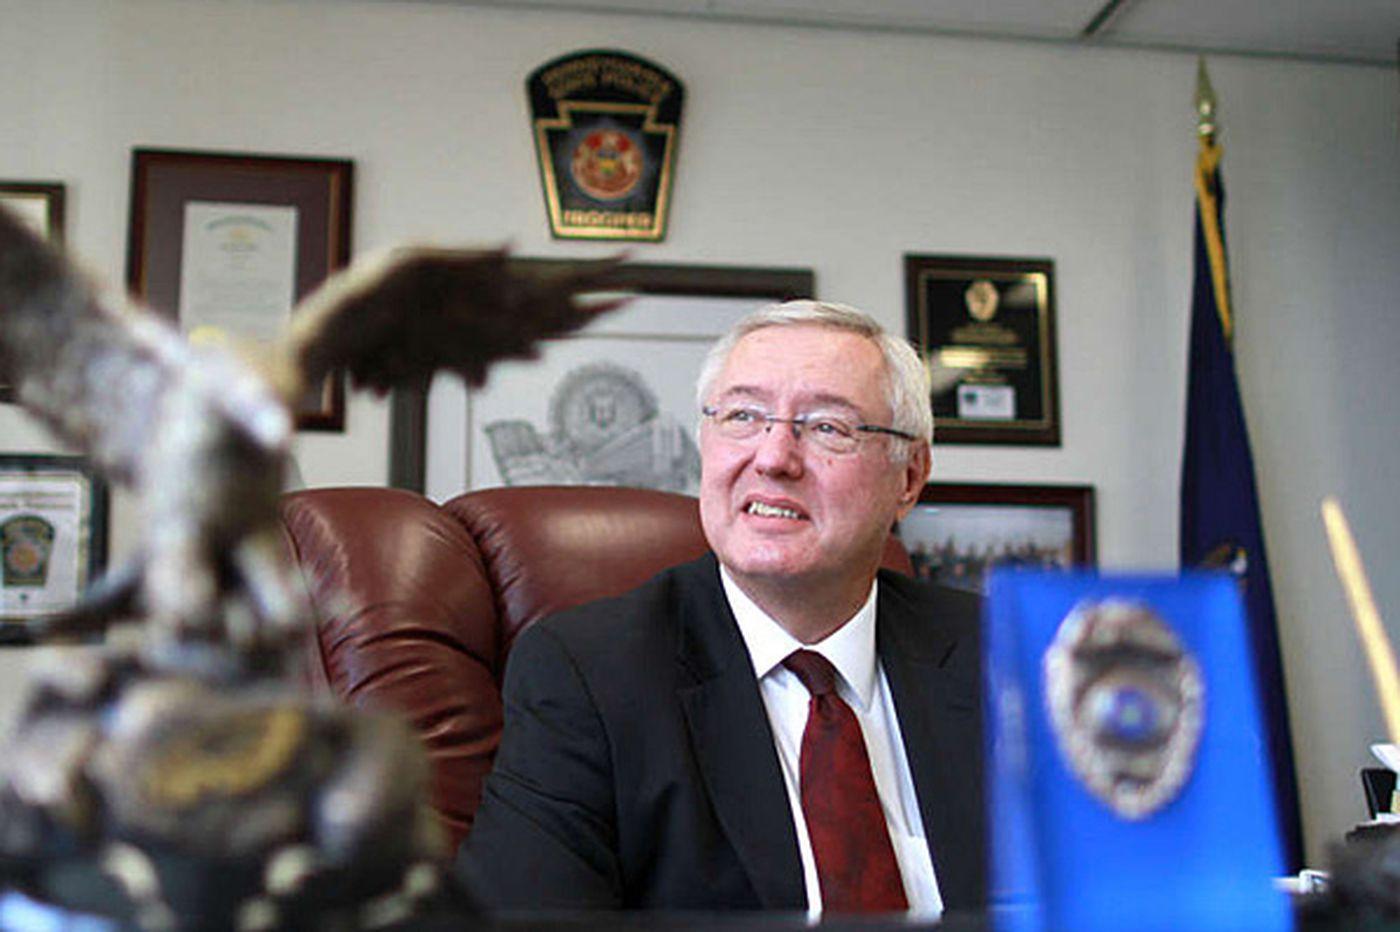 Pennsylvania's top cop stepped into some tough cases